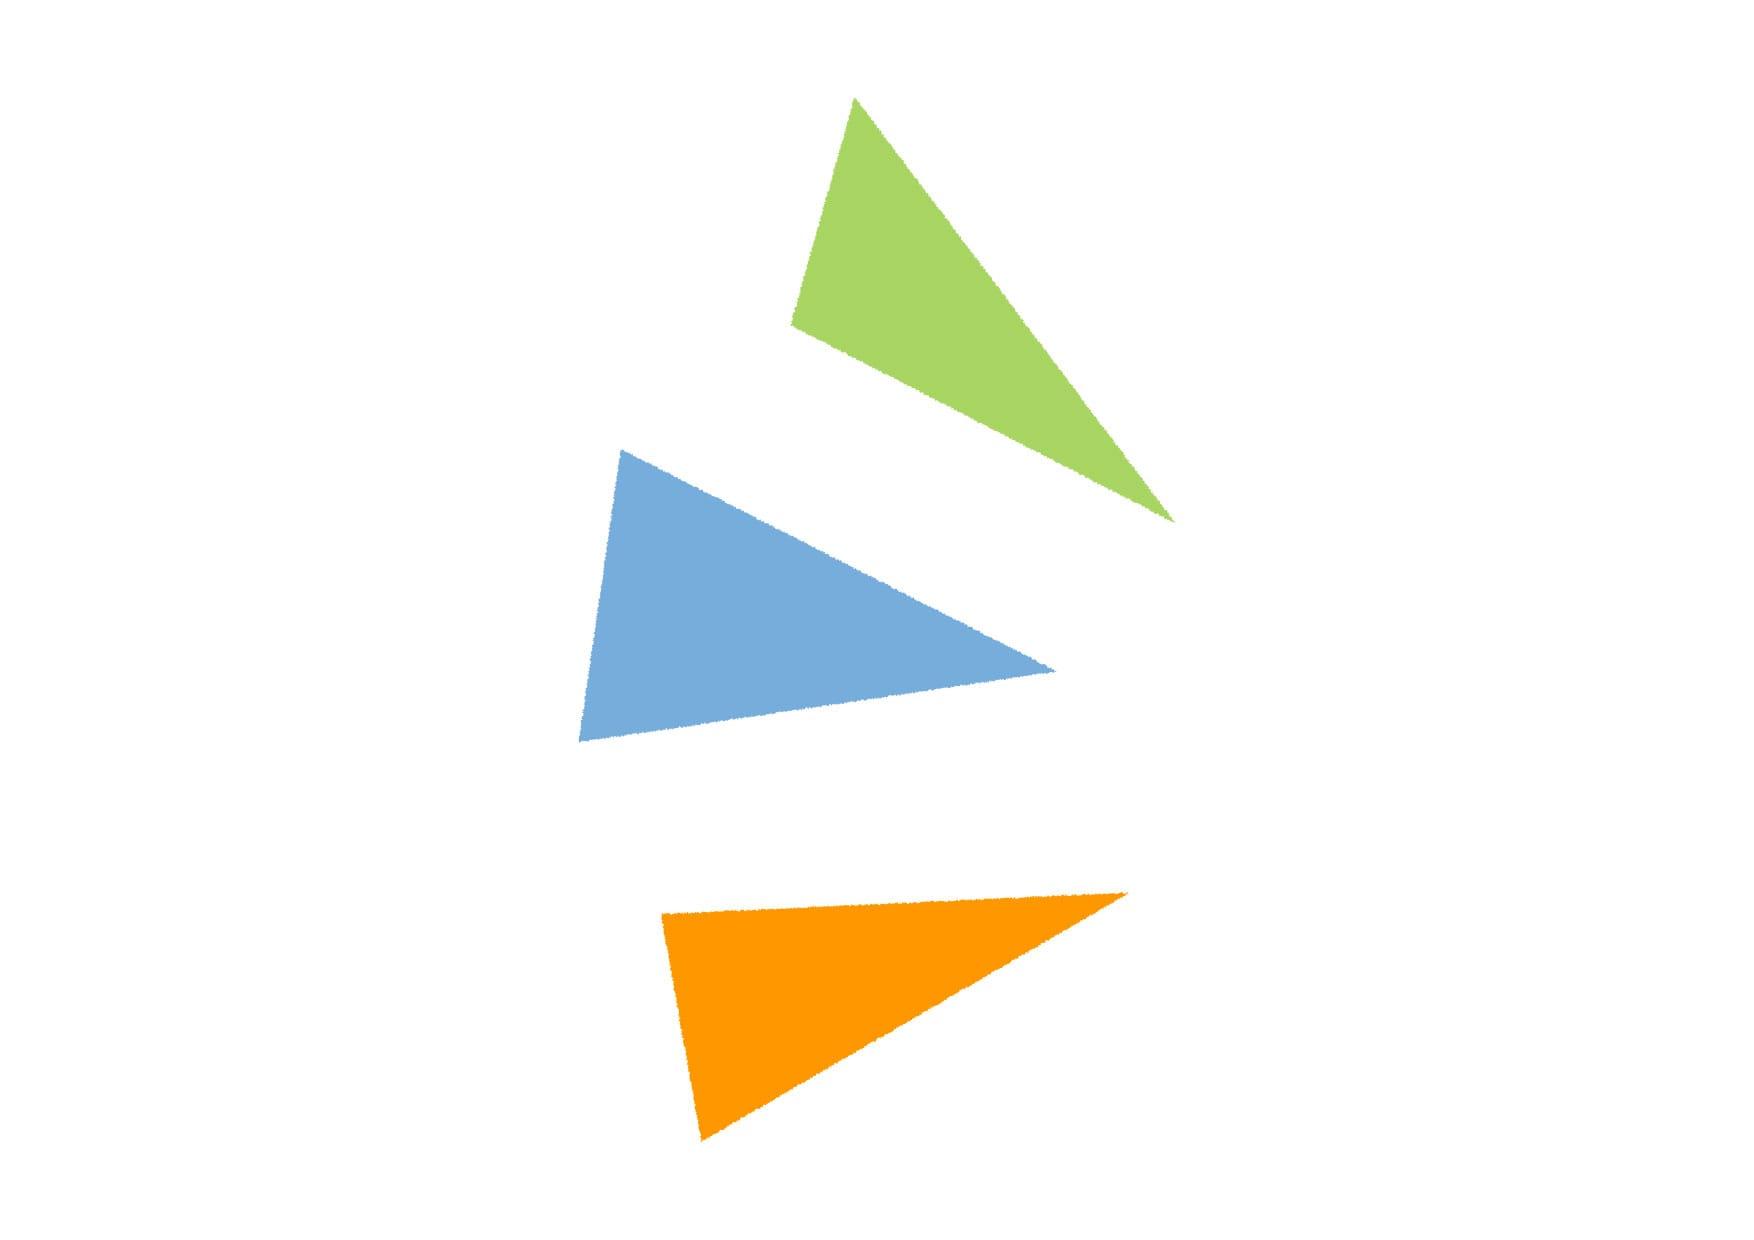 可愛いイラスト無料|気づき アイコン 左 カラフル − free illustration Triangle icon left colorful